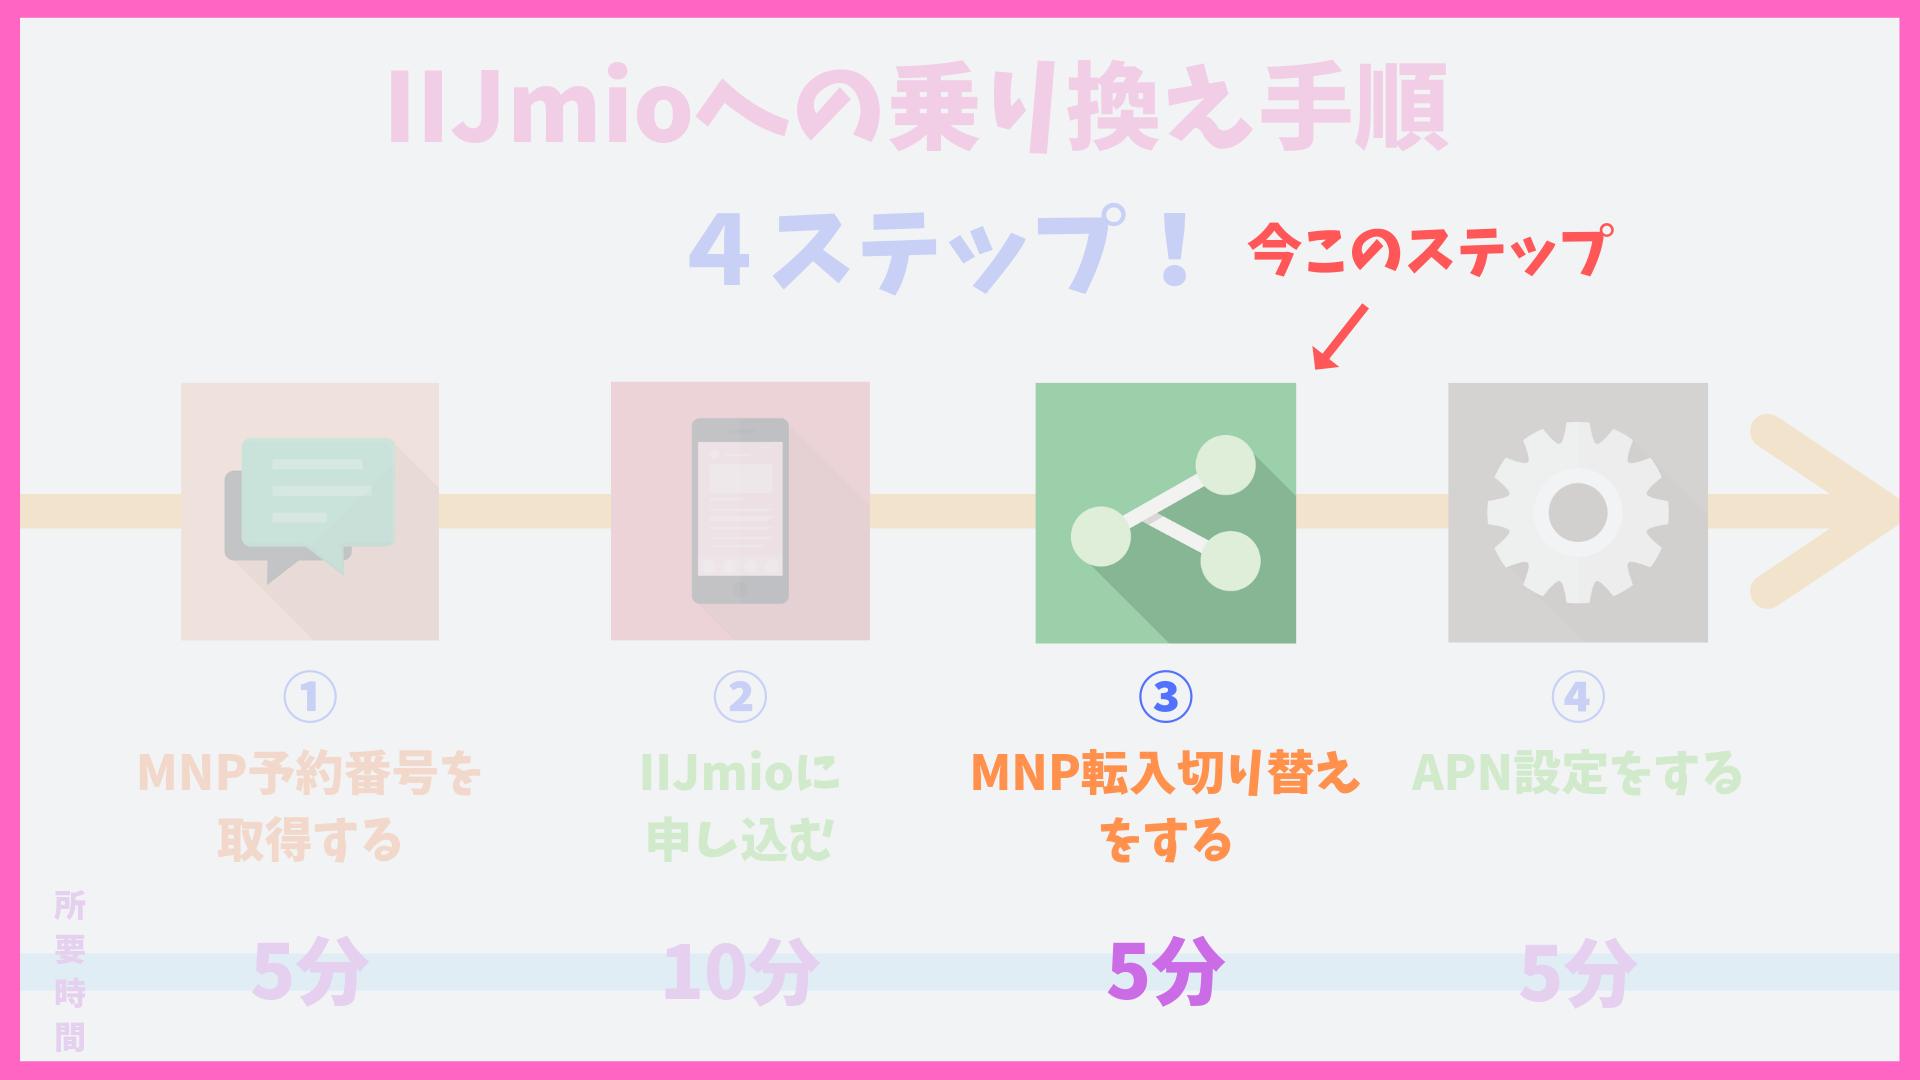 IIJmio(みおふぉん)の乗り換え(MNP)方法